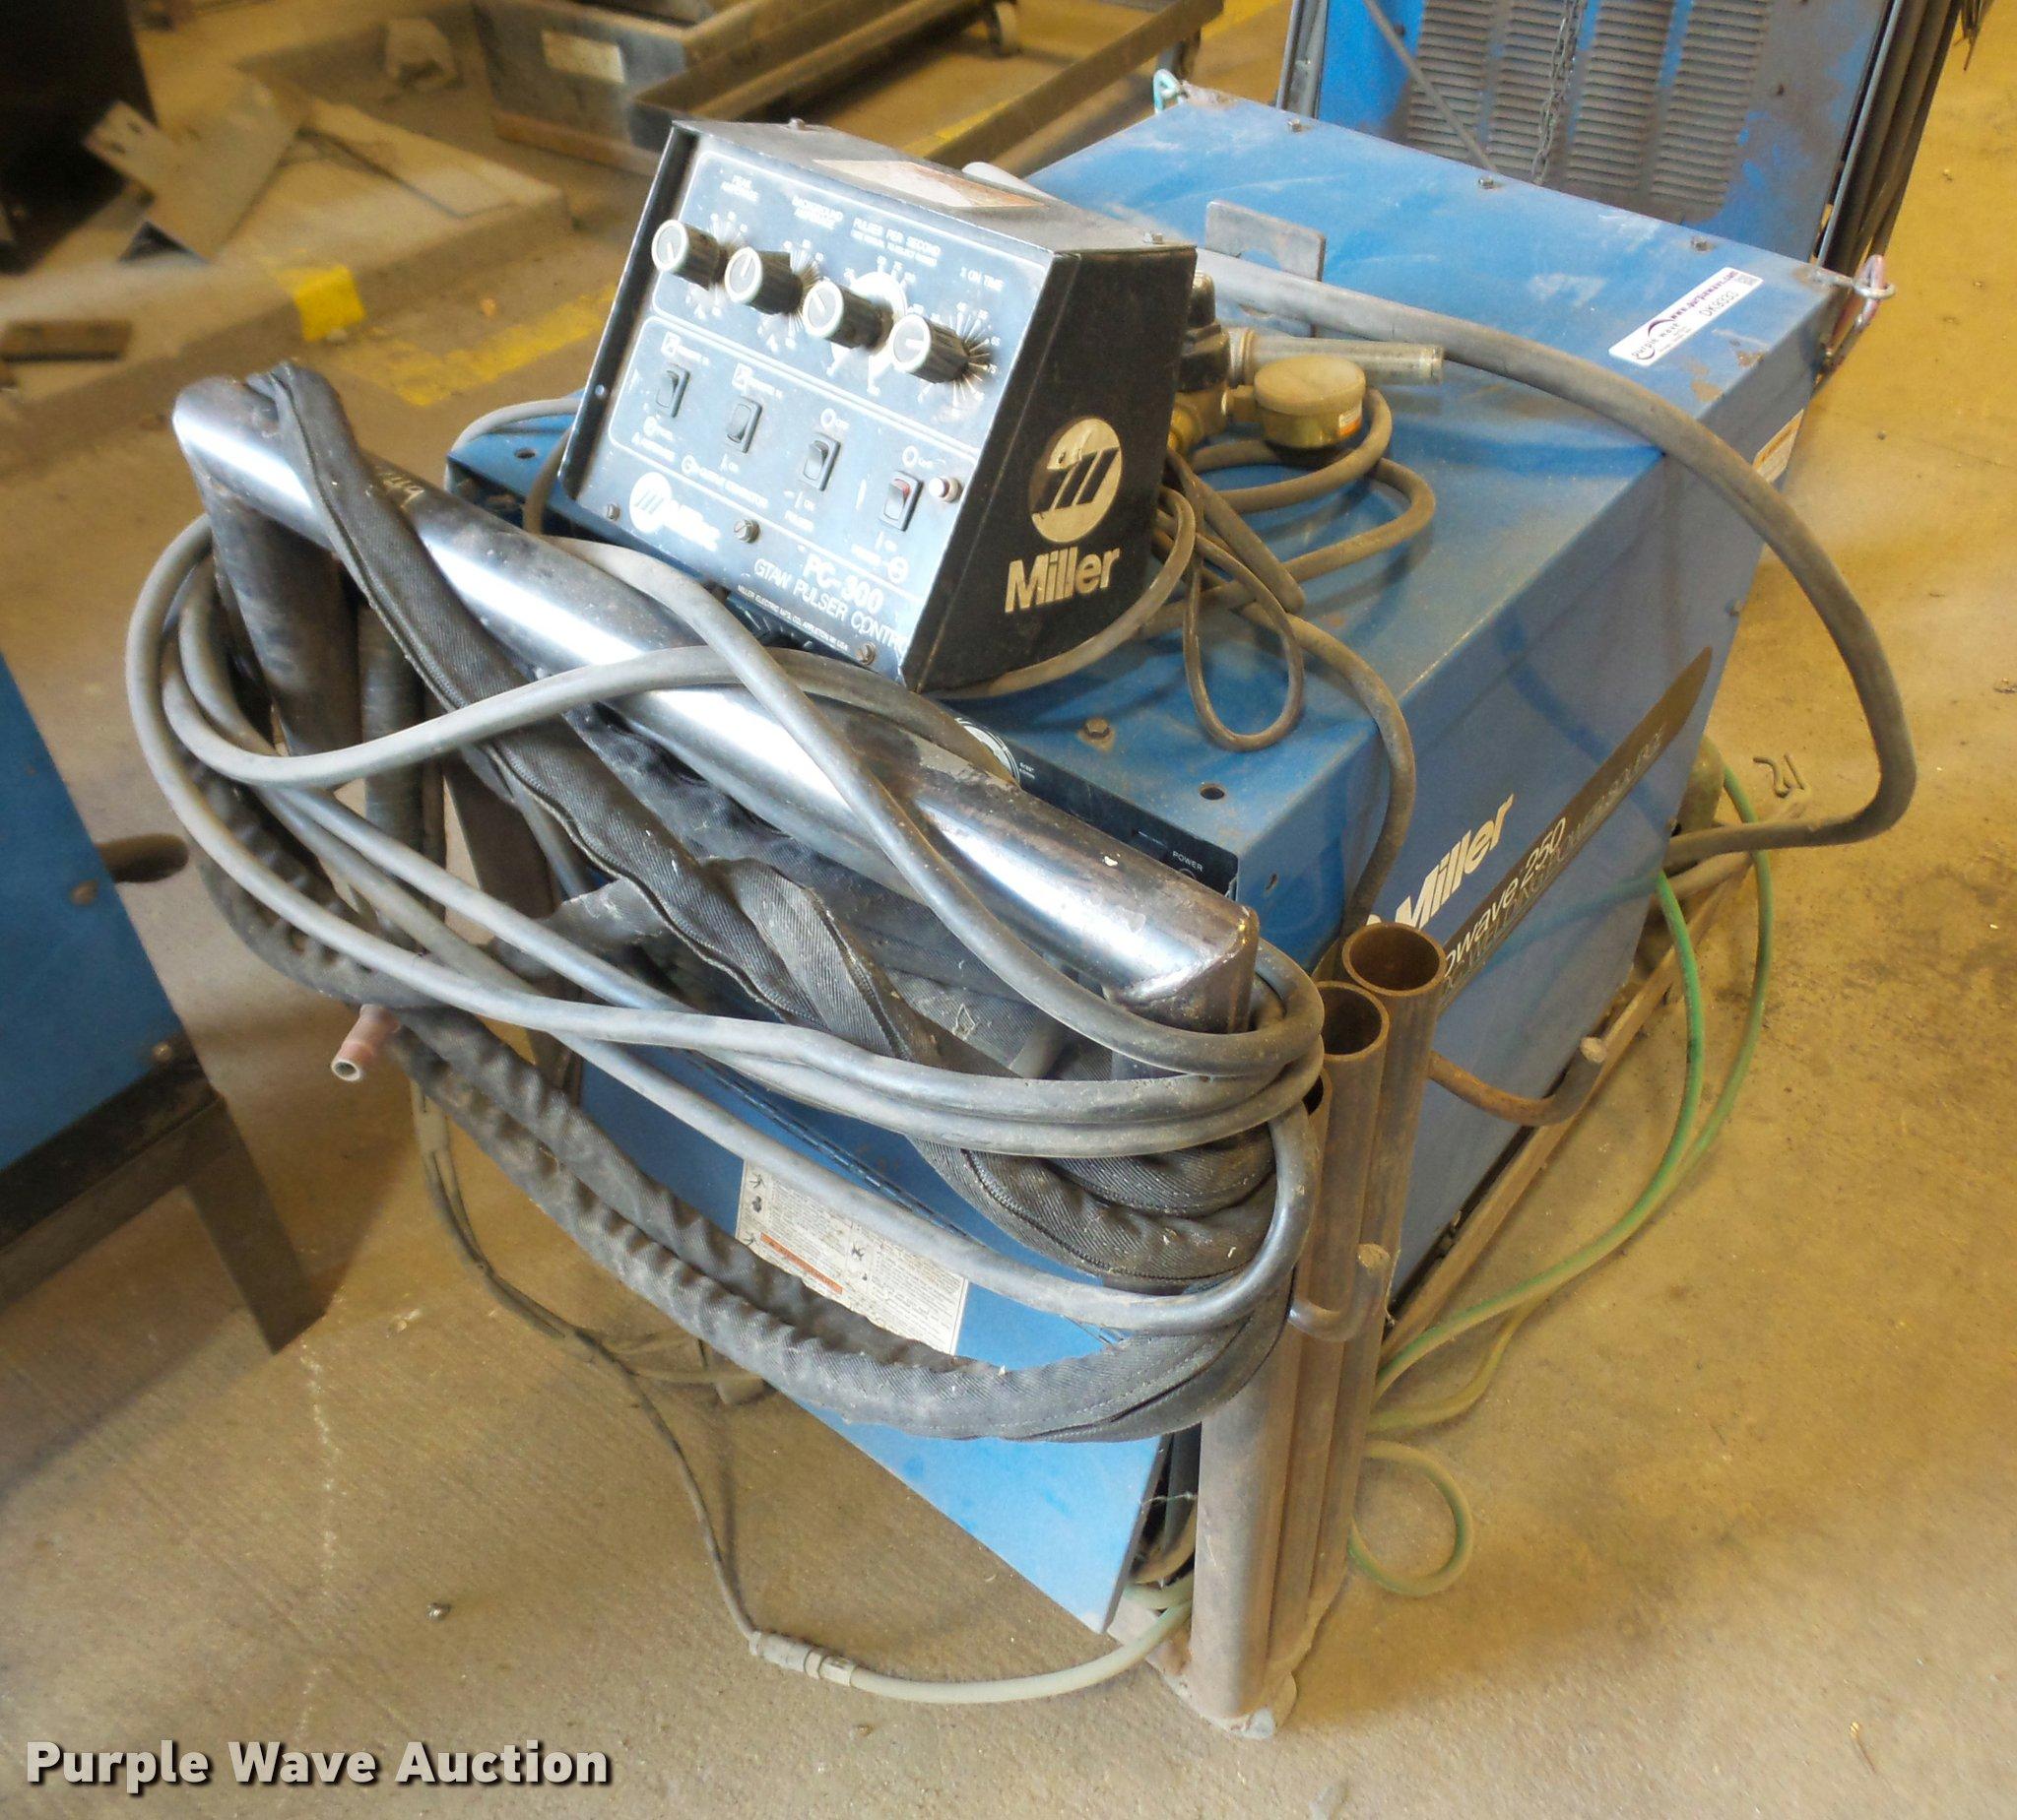 Miller Syncrowave 250 AC/DC arc welder | Item DK9333 | SOLD!